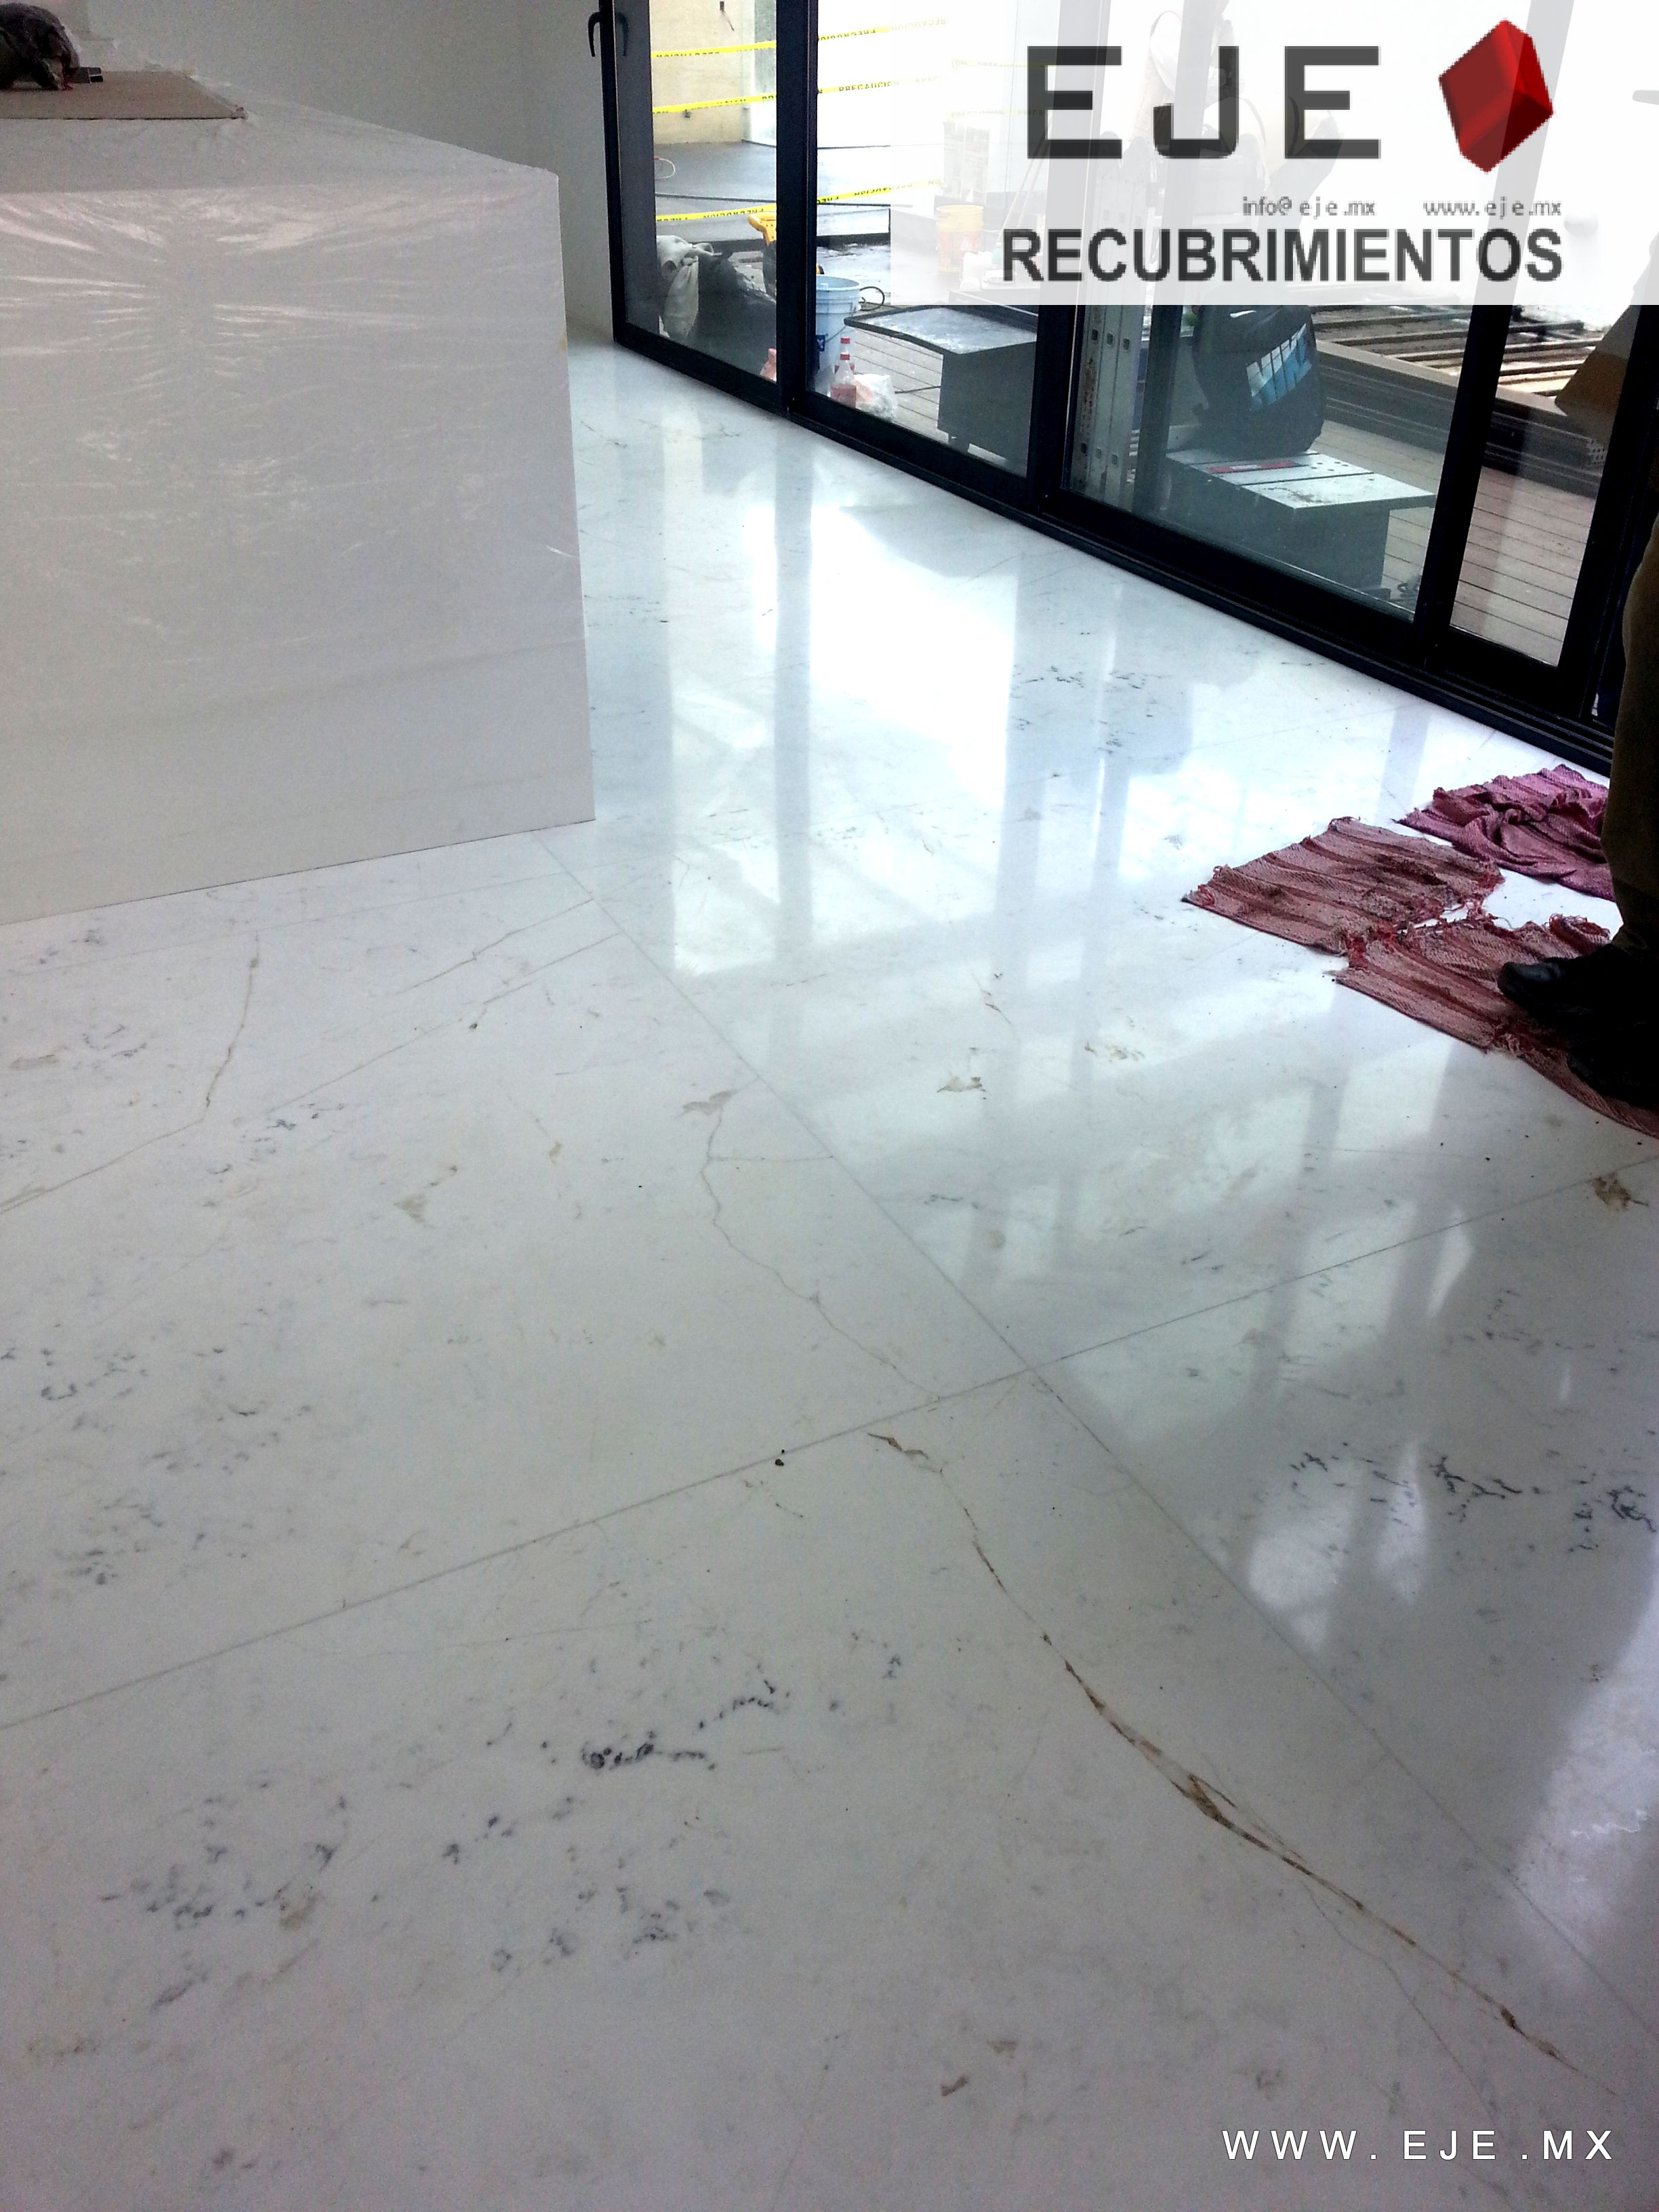 Eje recubrimientos obra hacienda vallescondido piso de for Marmol blanco pulido